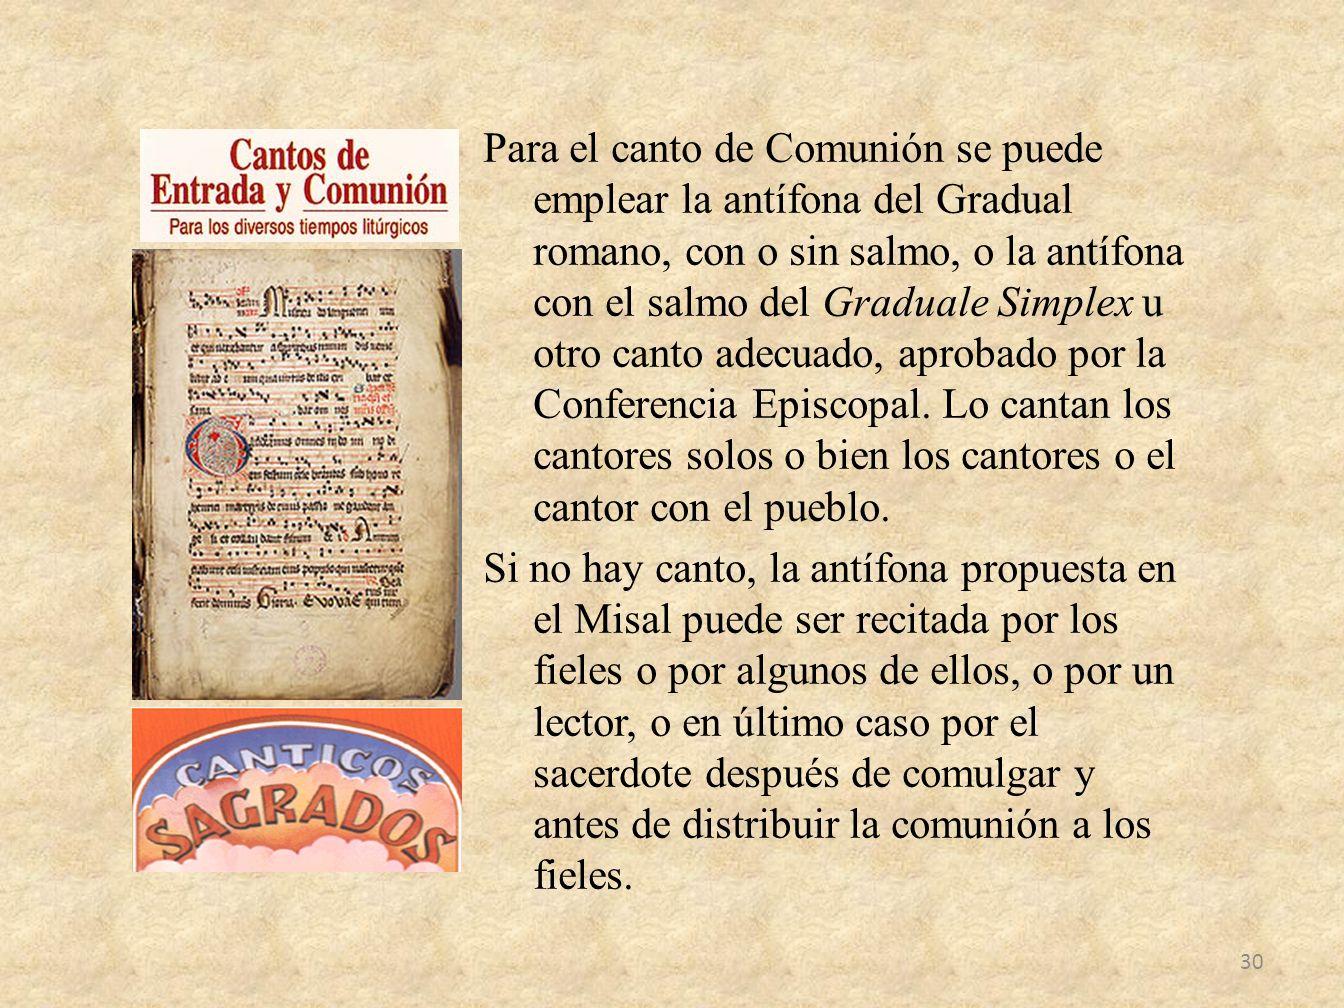 Para el canto de Comunión se puede emplear la antífona del Gradual romano, con o sin salmo, o la antífona con el salmo del Graduale Simplex u otro canto adecuado, aprobado por la Conferencia Episcopal.